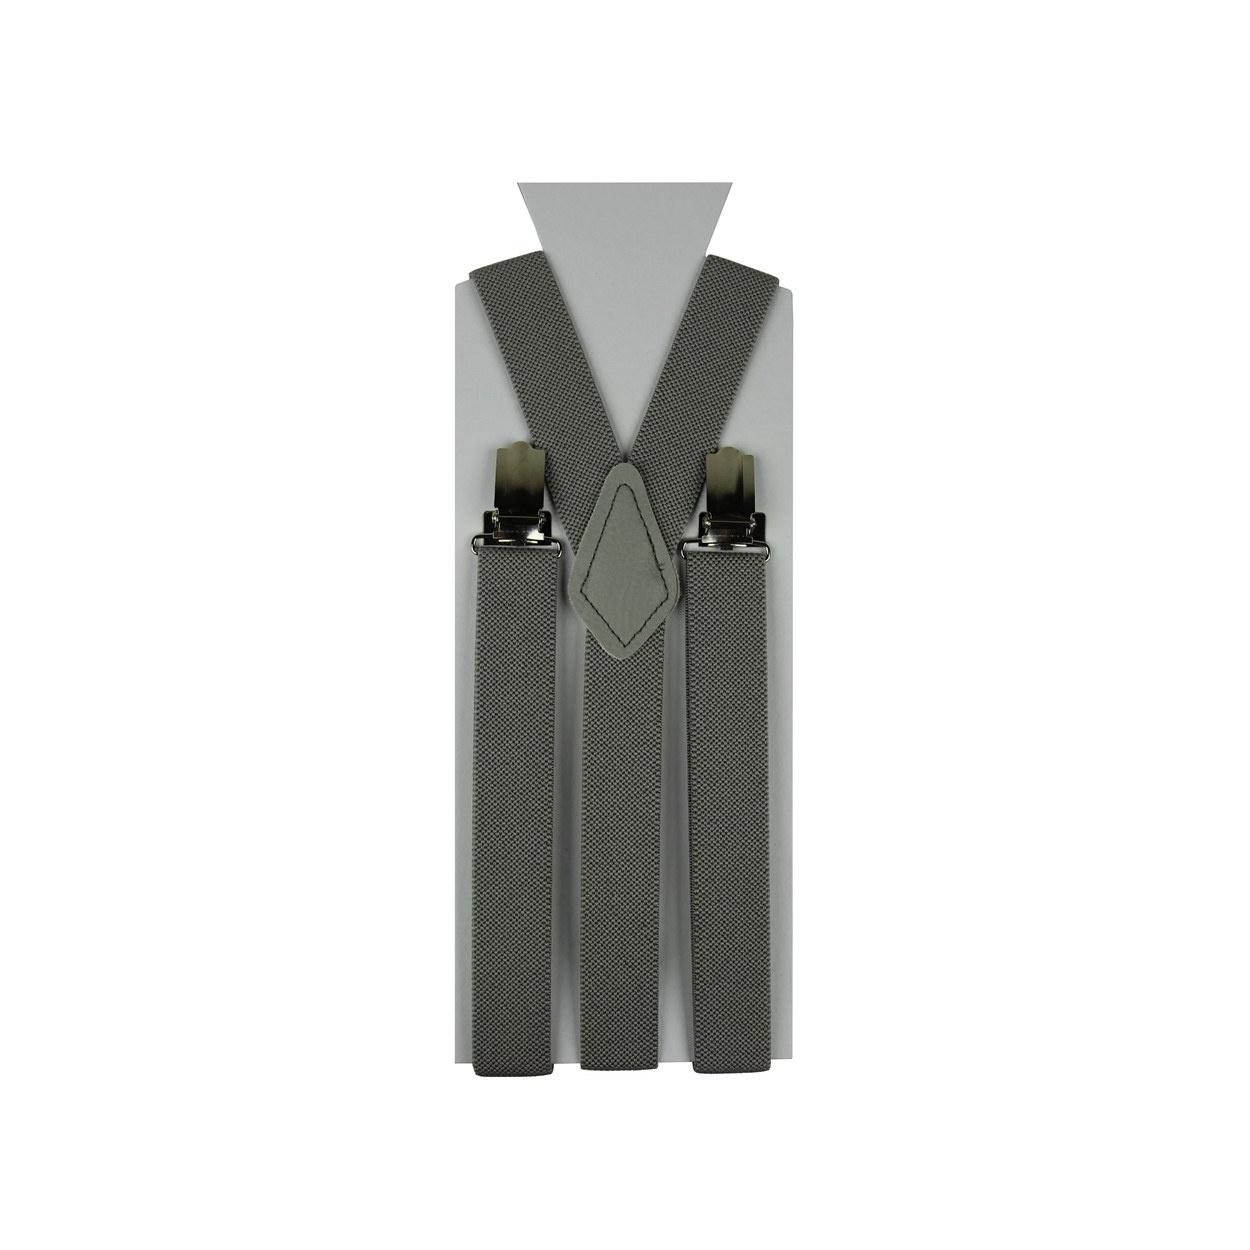 Moderní šedé pánské šle ve tvaru Y o délce 110 cm.